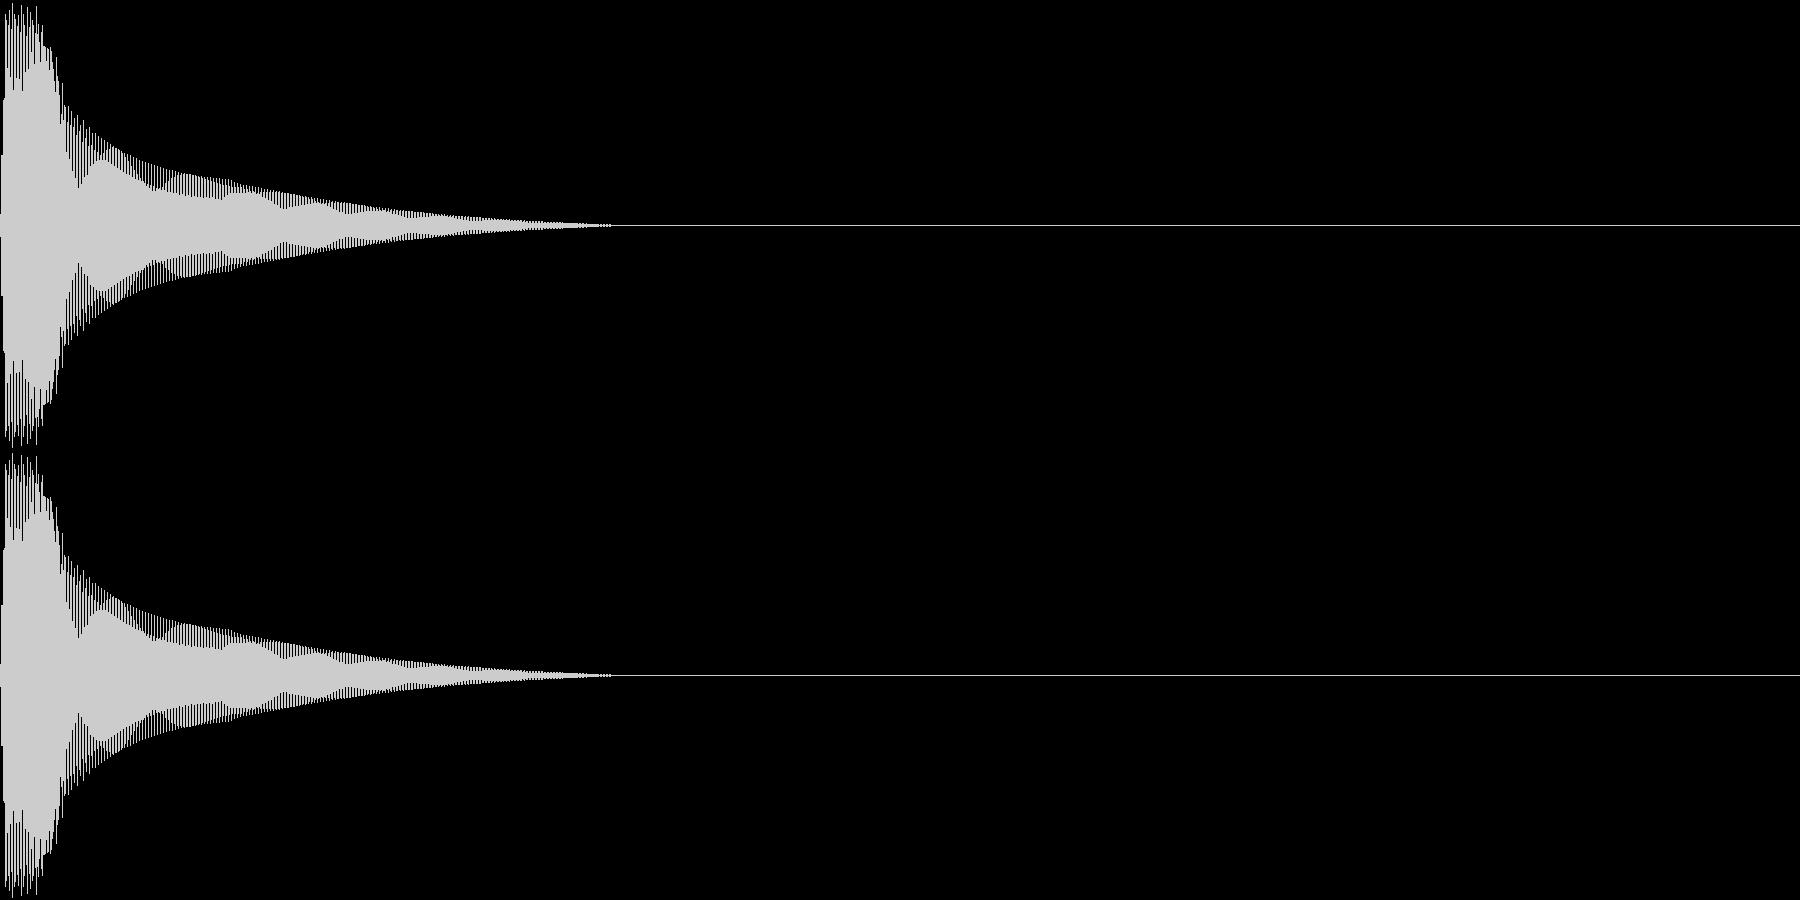 PureTouch アプリ用タッチ音 4の未再生の波形